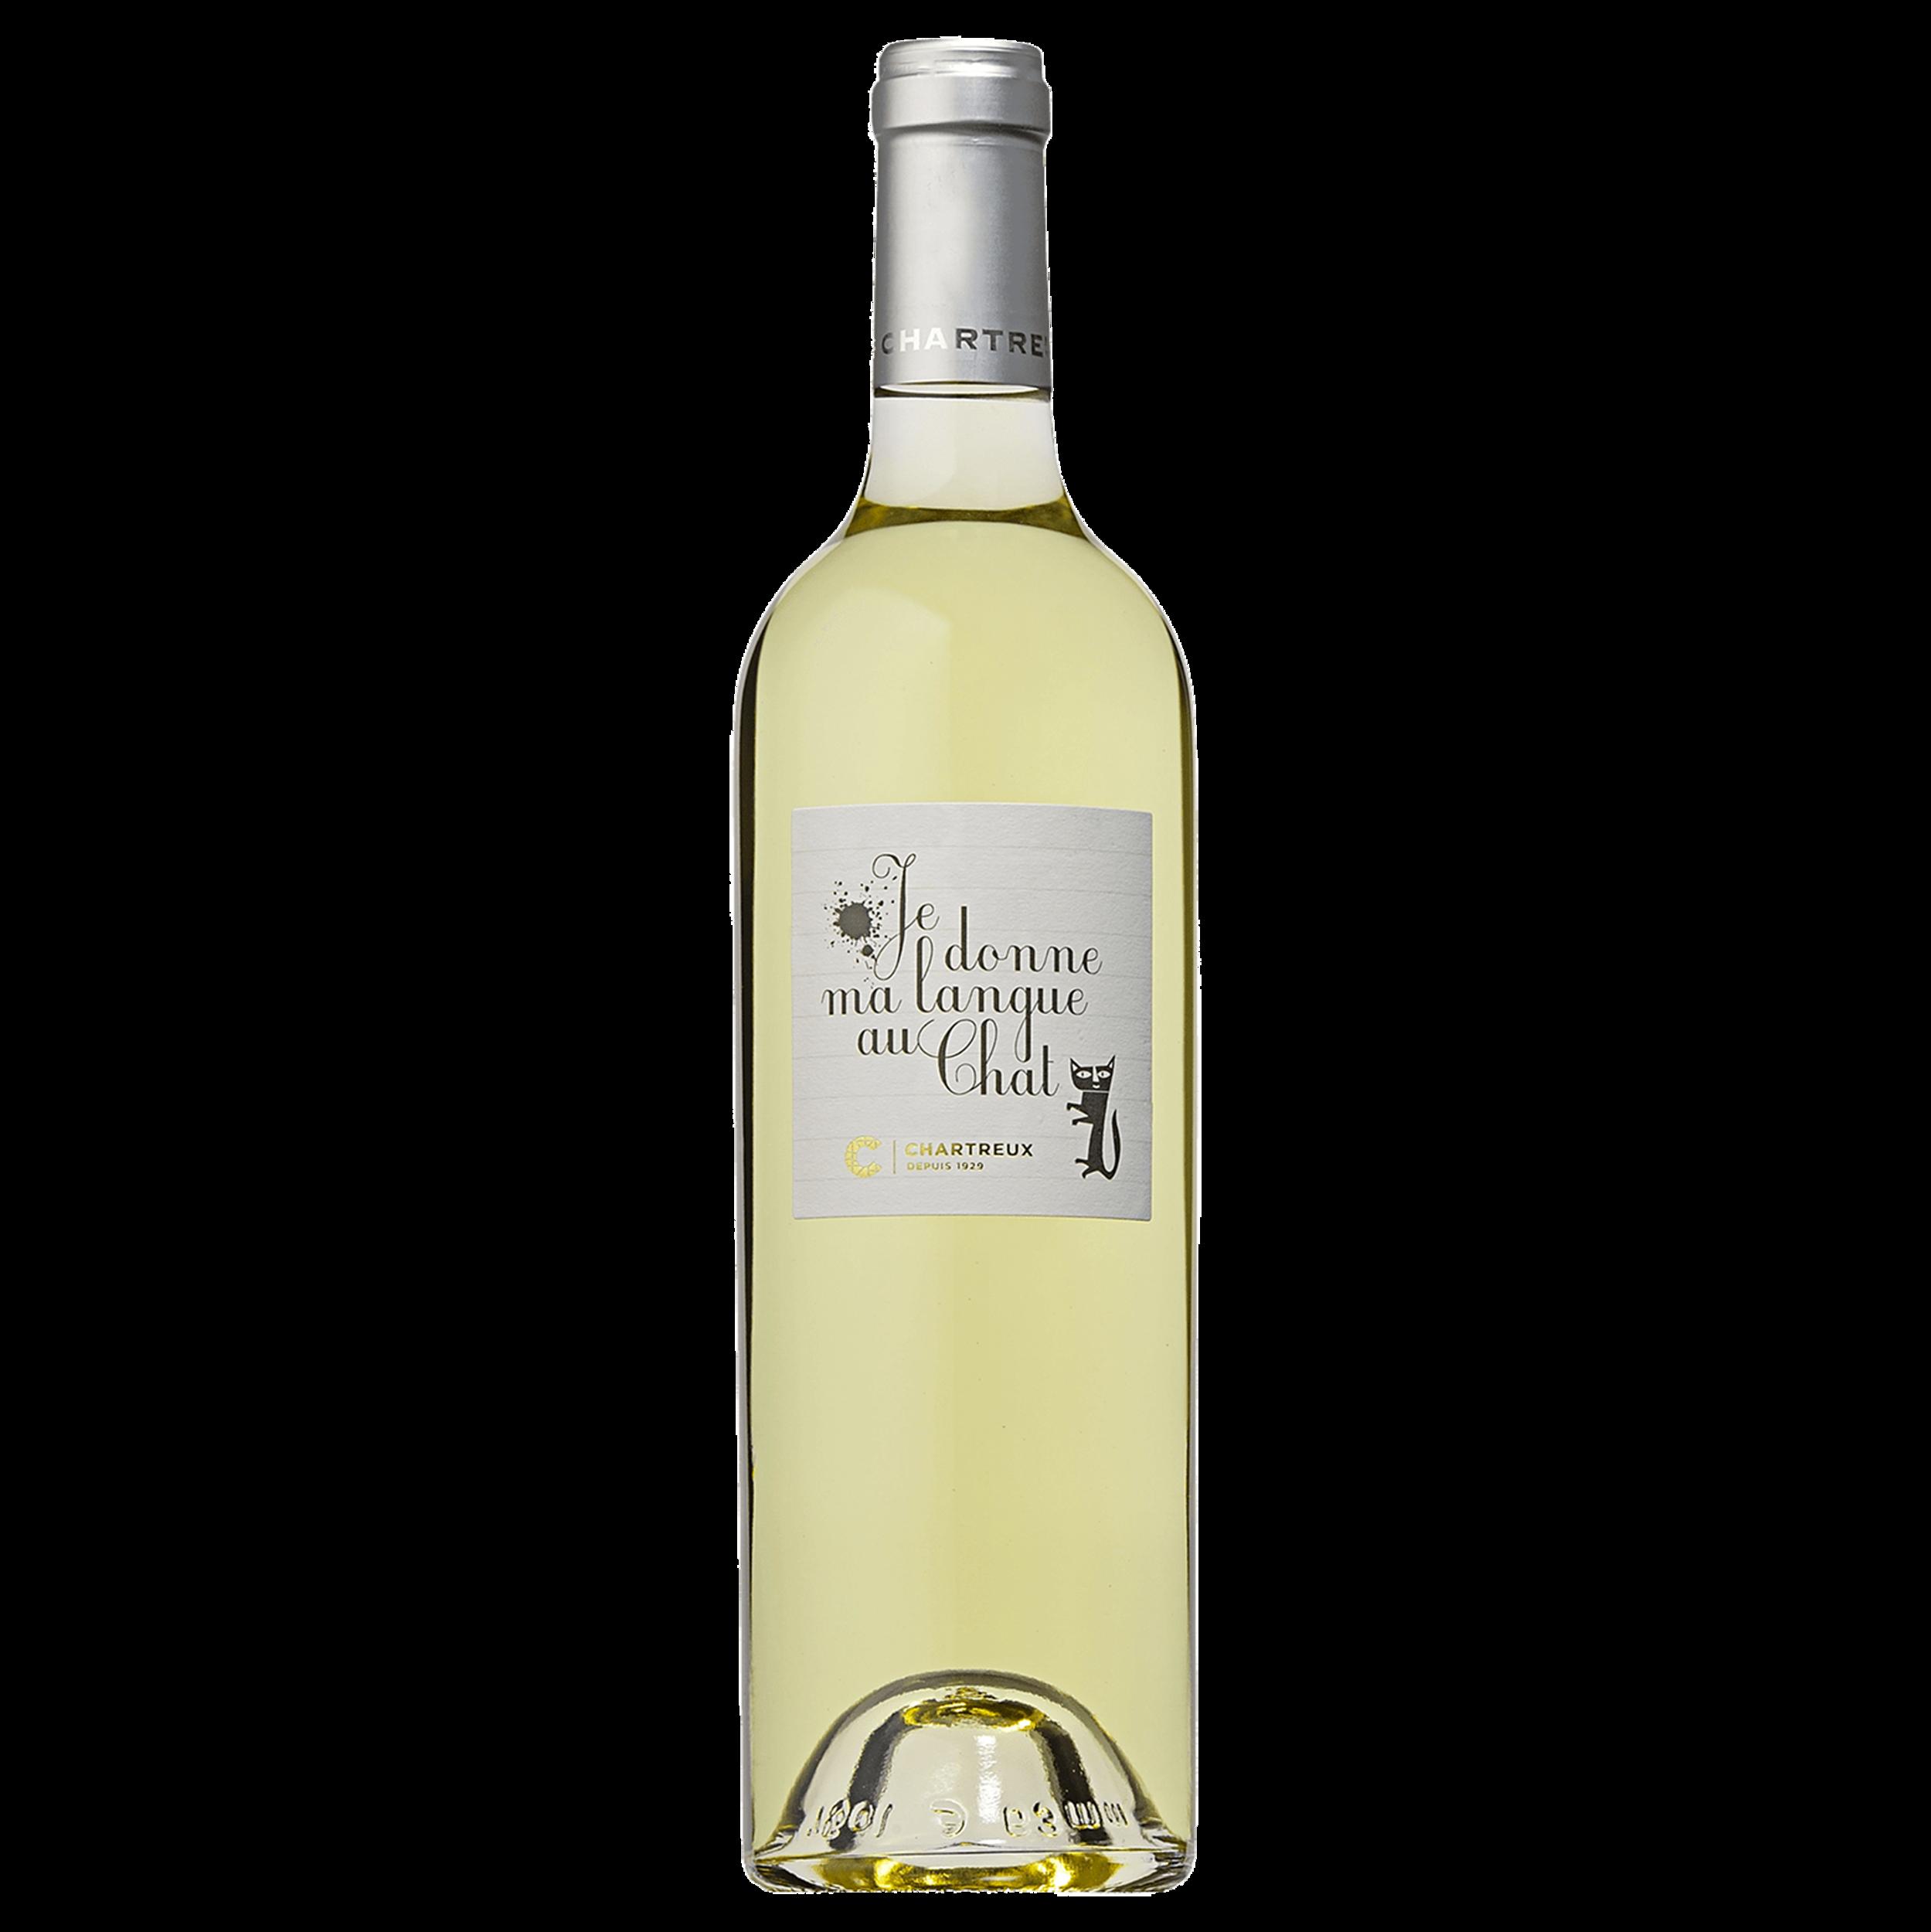 Vin de Pays - Je donne ma langue au Chat - Domaine Cellier Des Chartreux - 2018